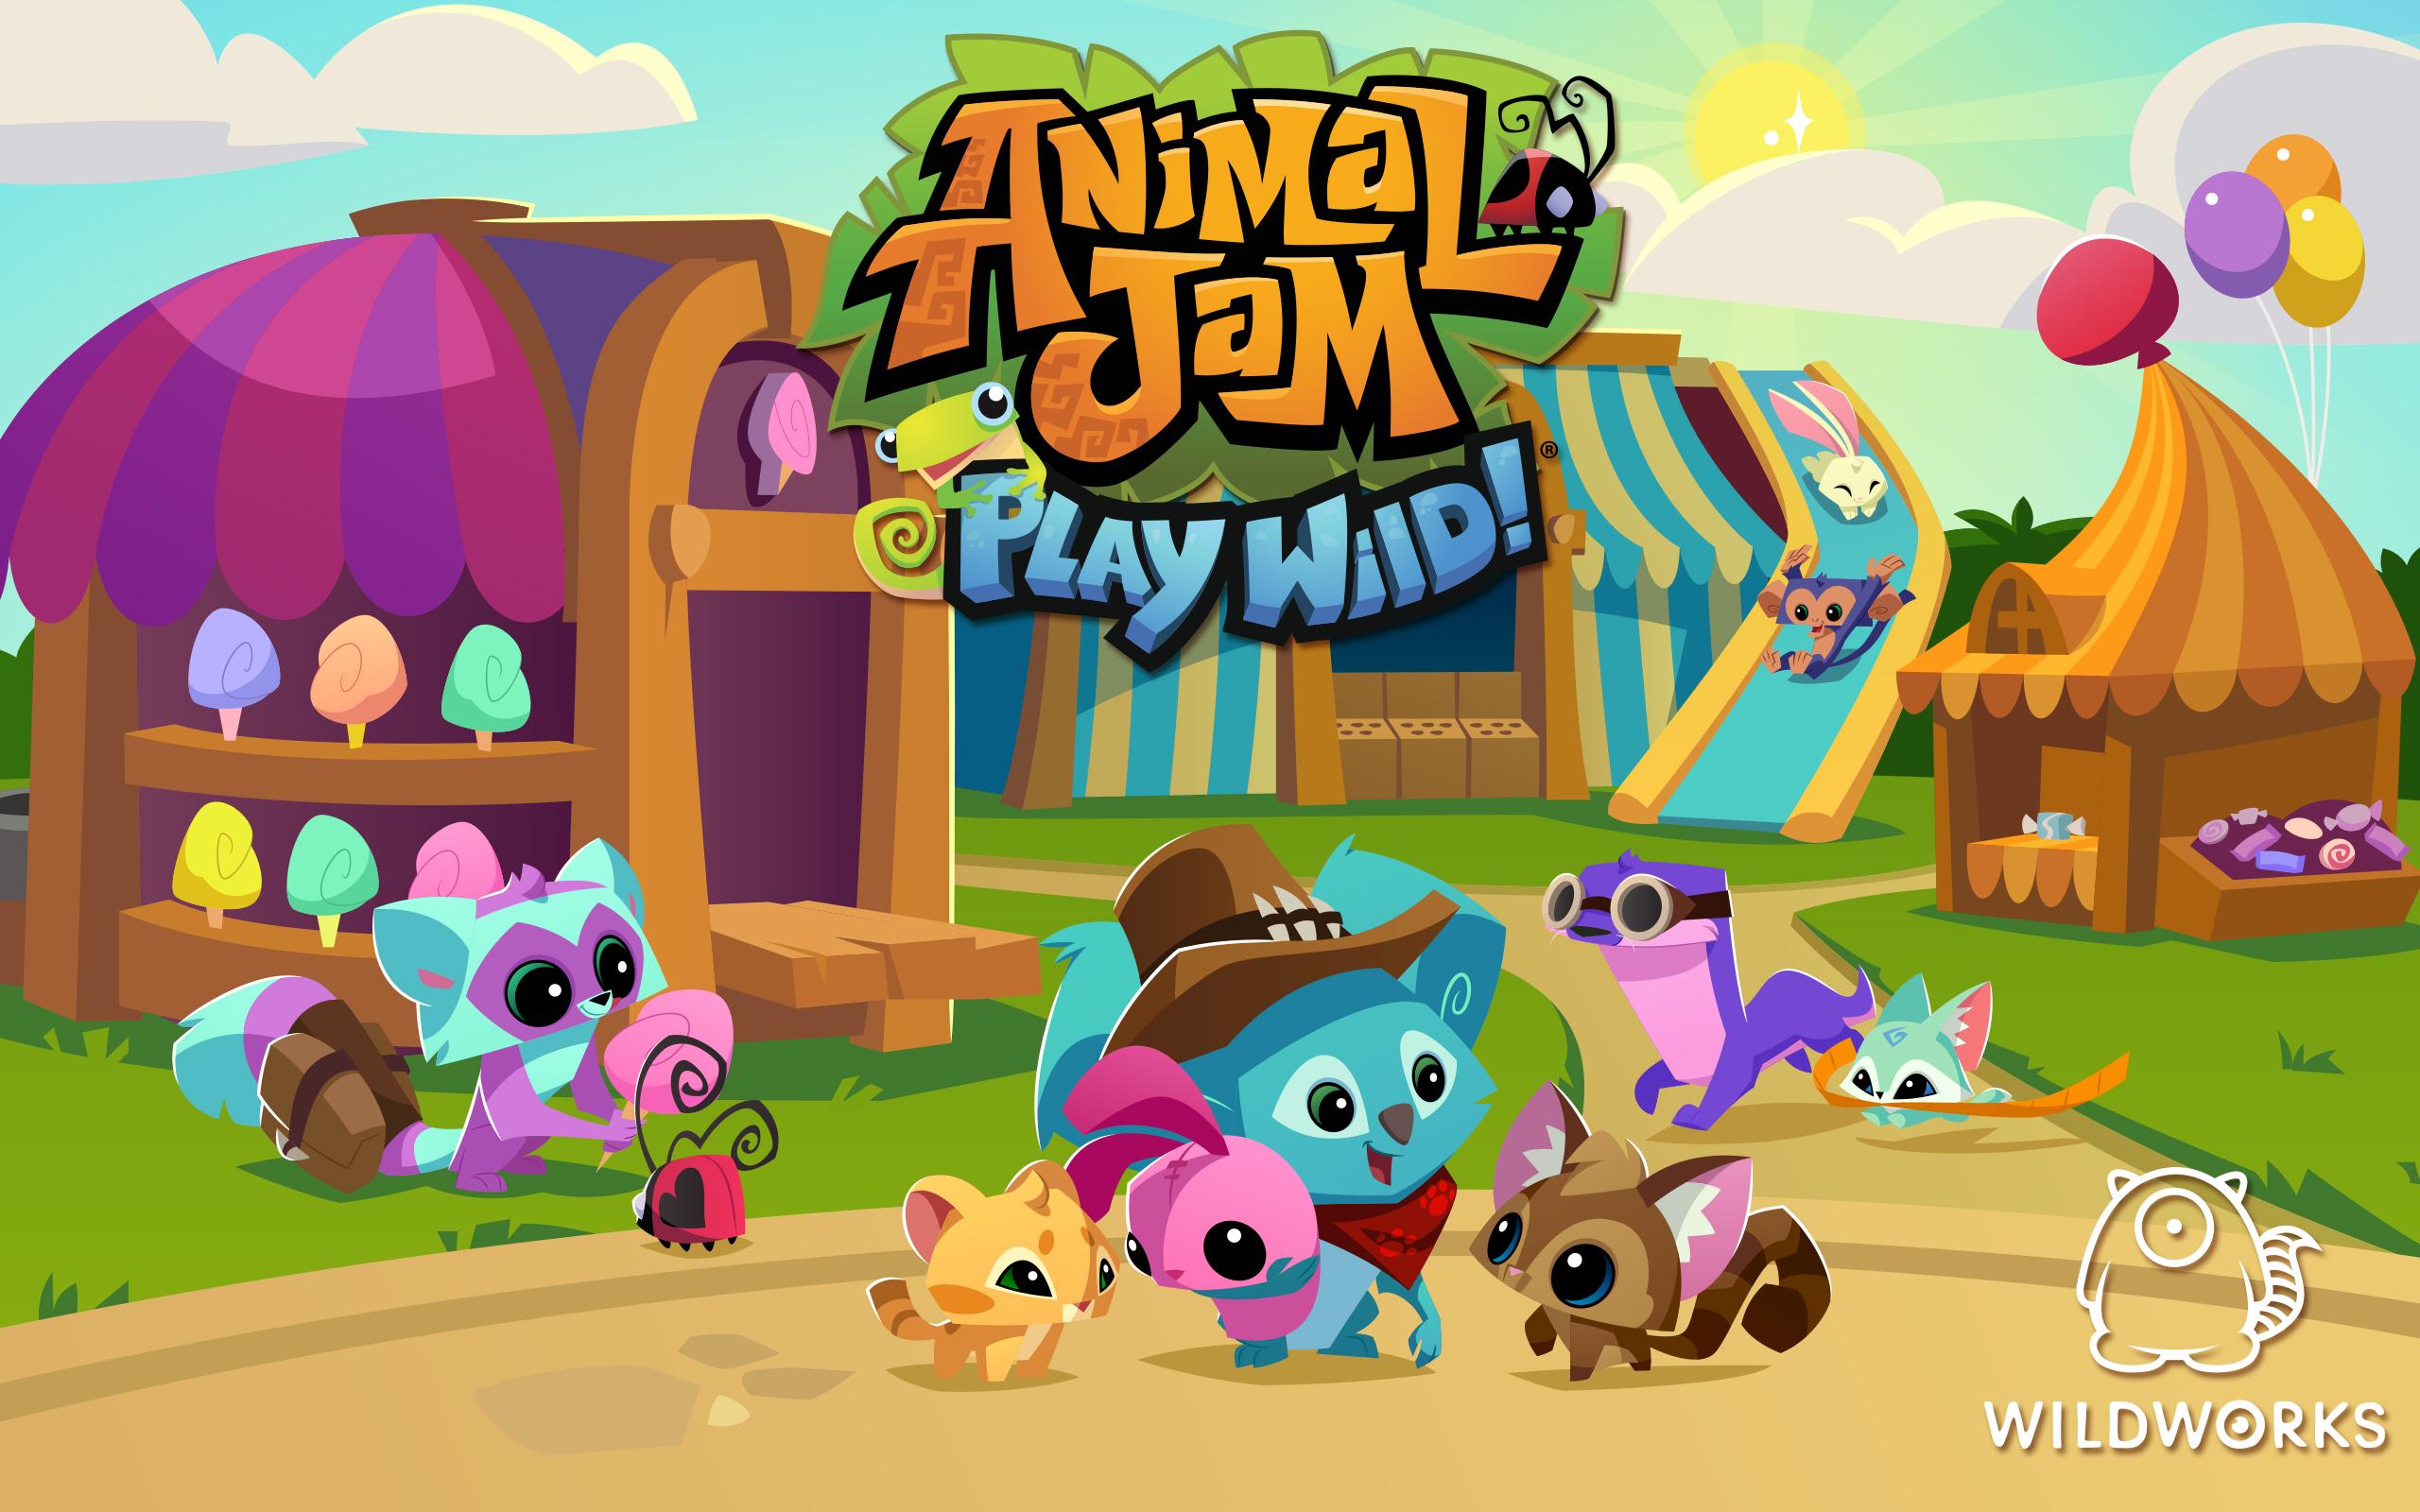 Animal Jam - Play Wild